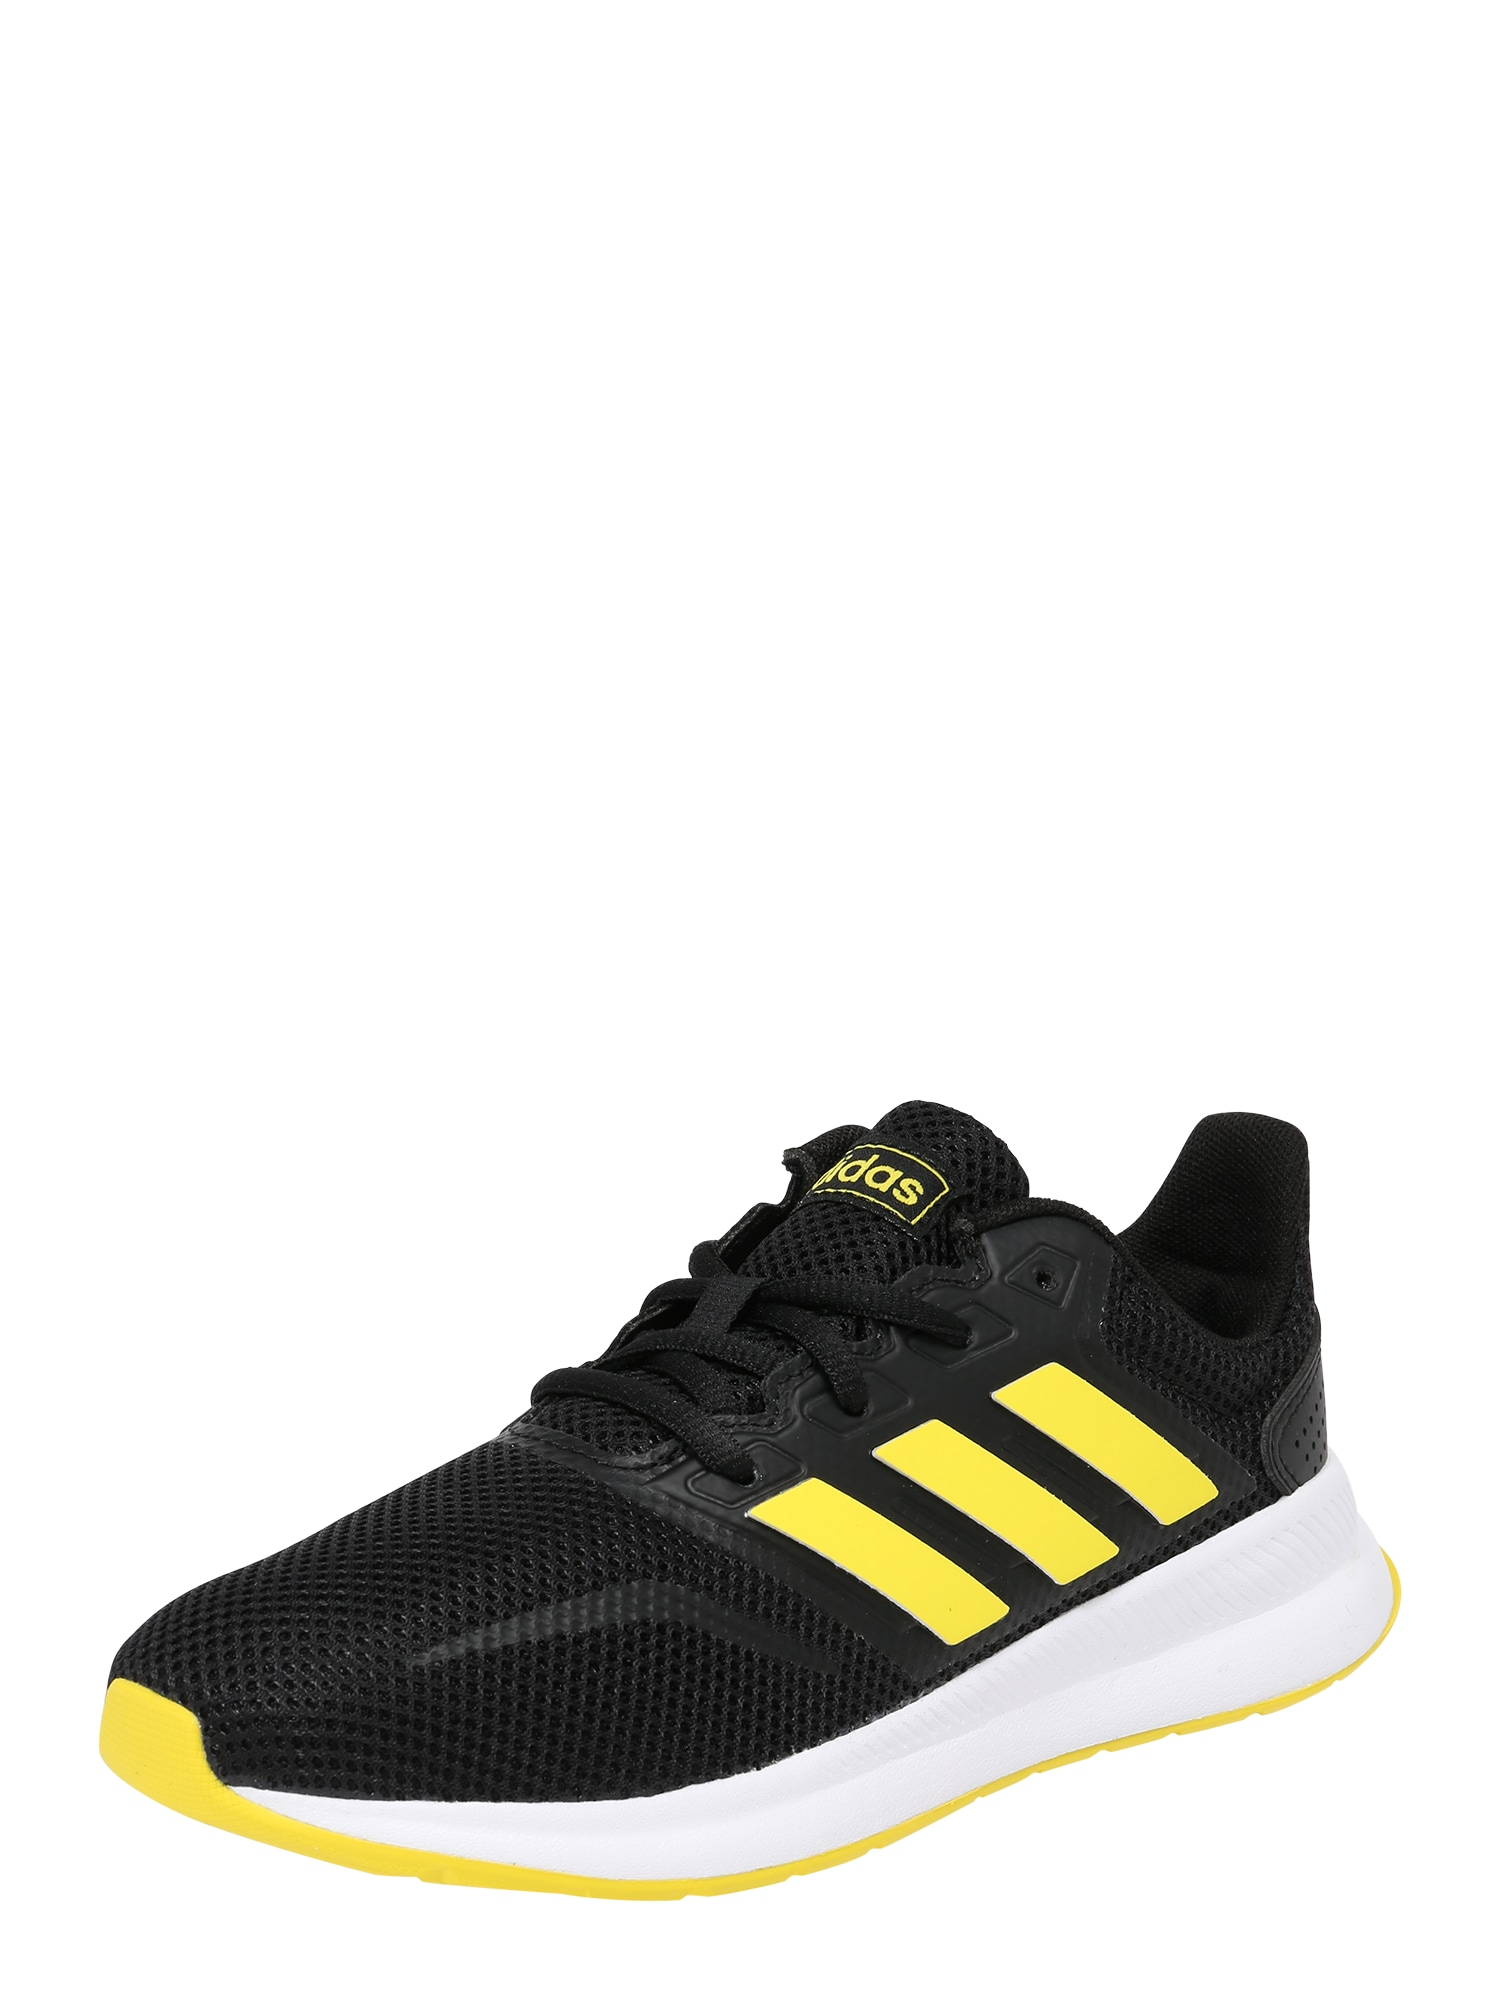 Sportovní boty žlutá černá ADIDAS PERFORMANCE